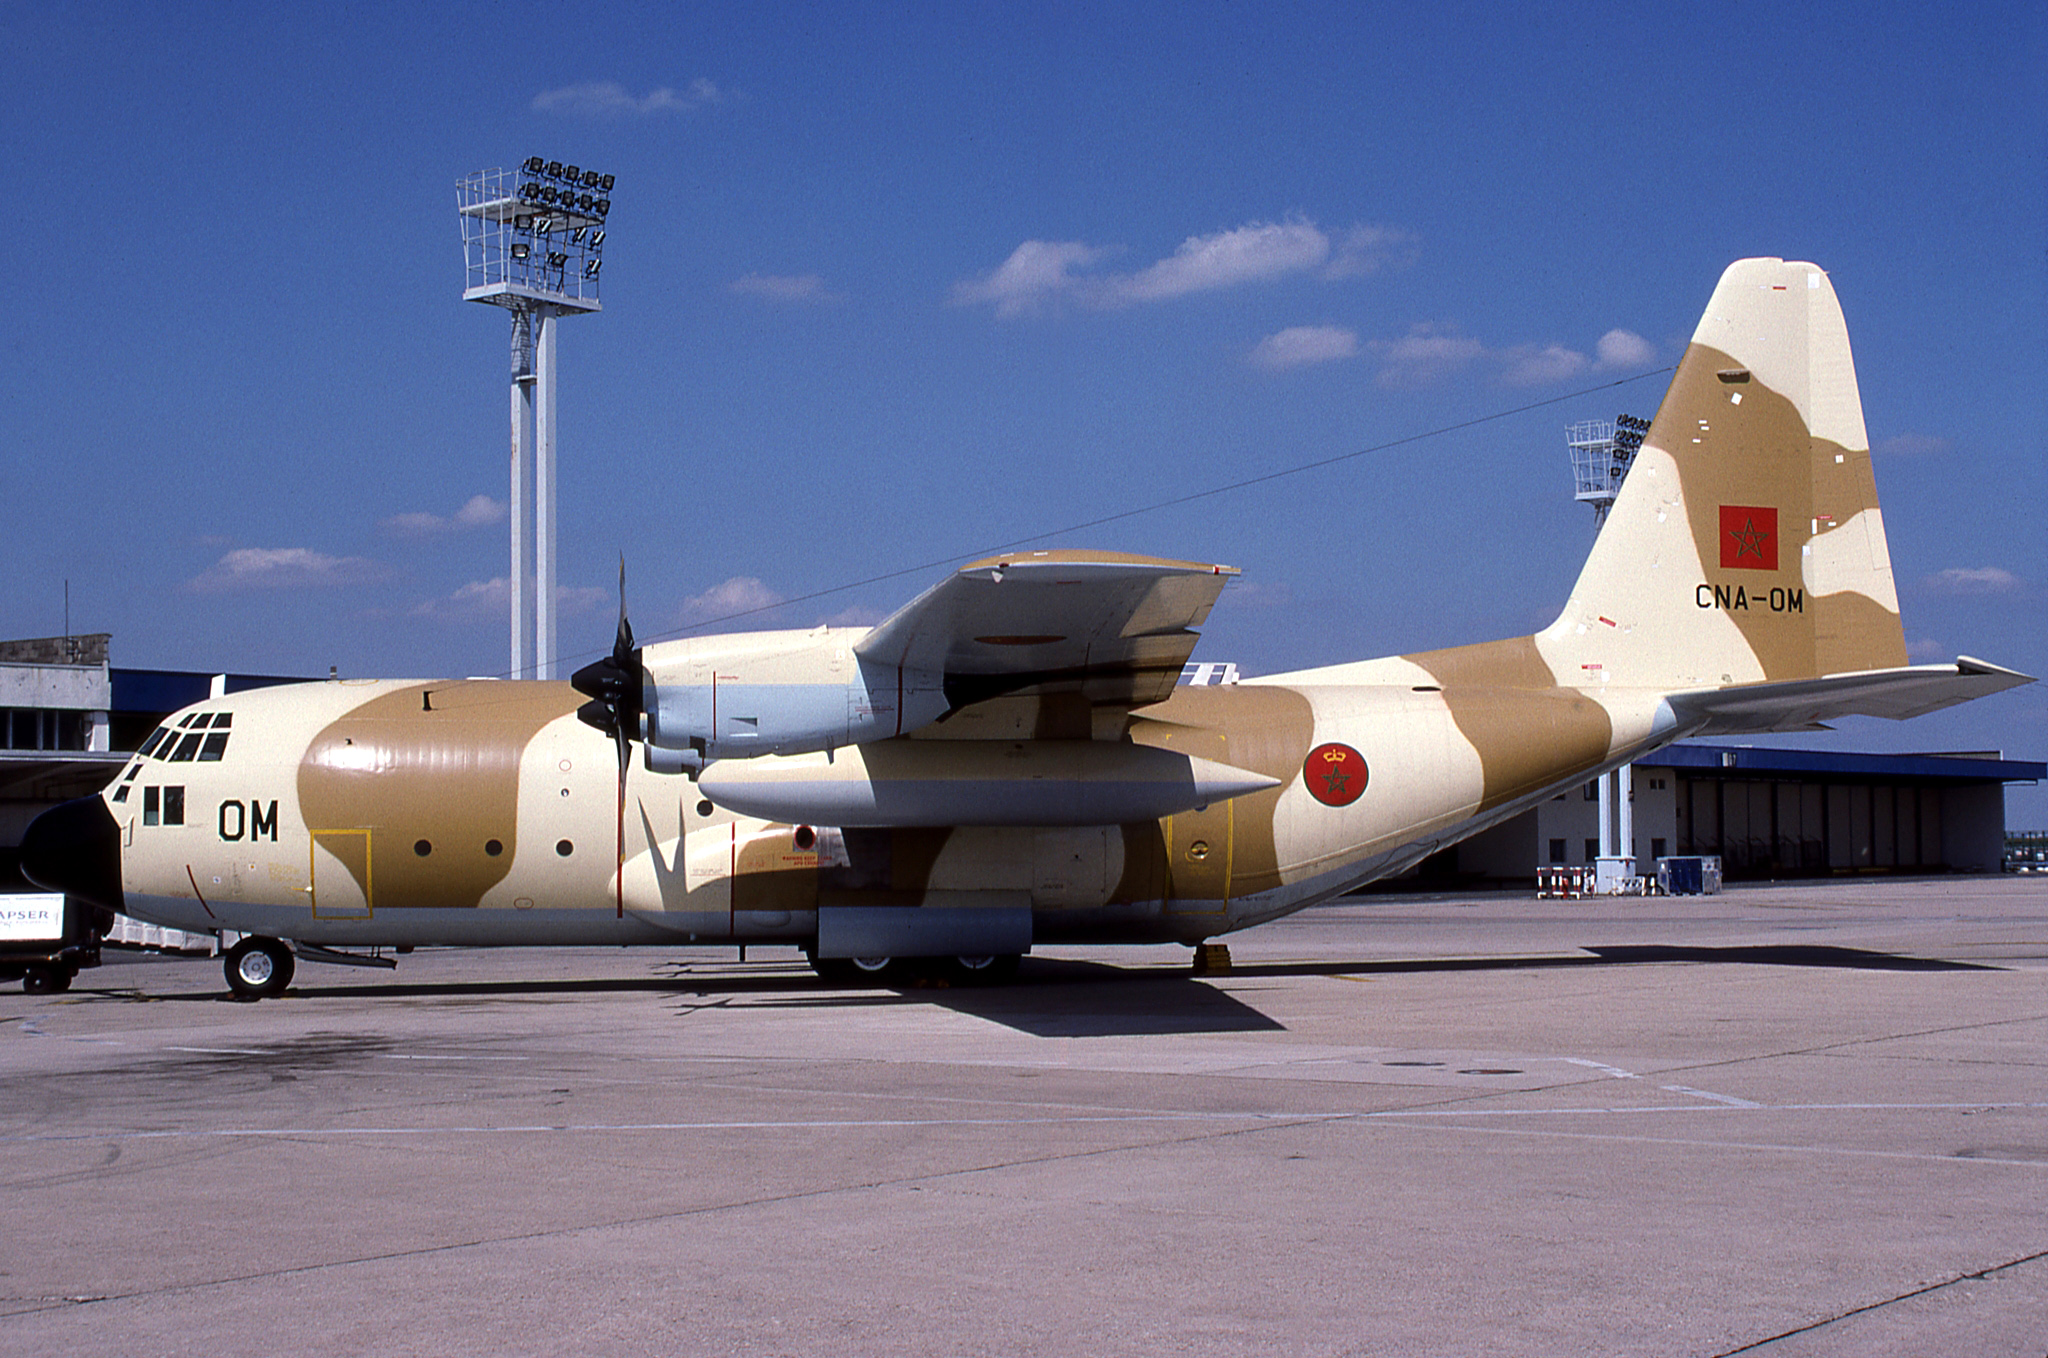 FRA: Photos d'avions de transport - Page 38 48463314951_5f589243cb_o